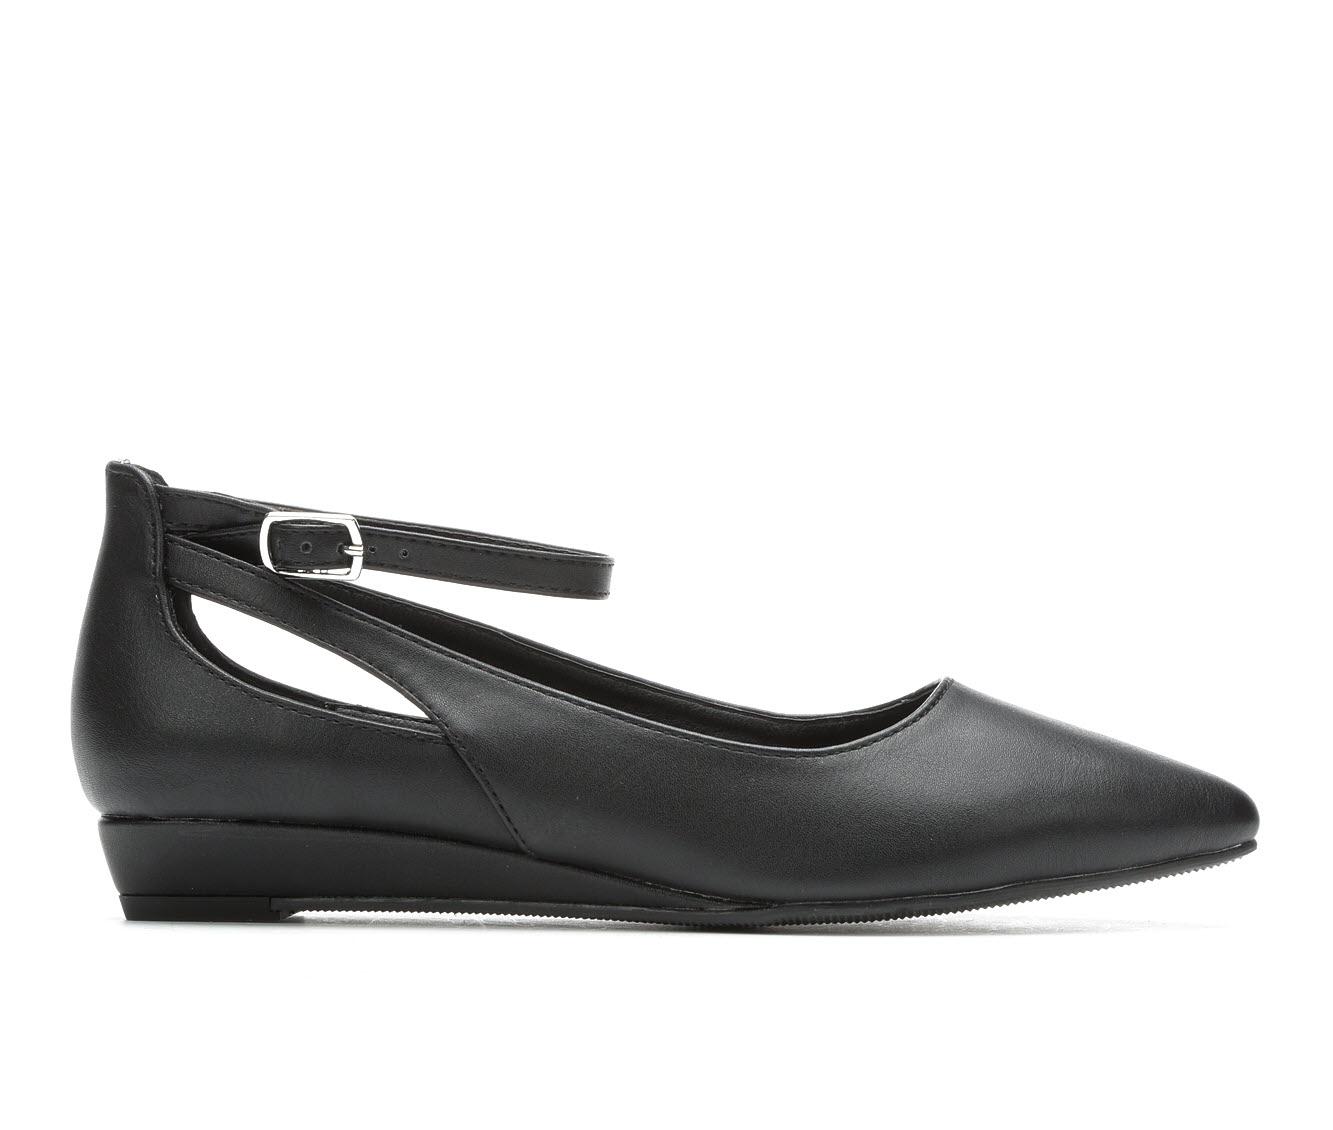 Y-Not Hadley Women's Shoe (Black Faux Leather)